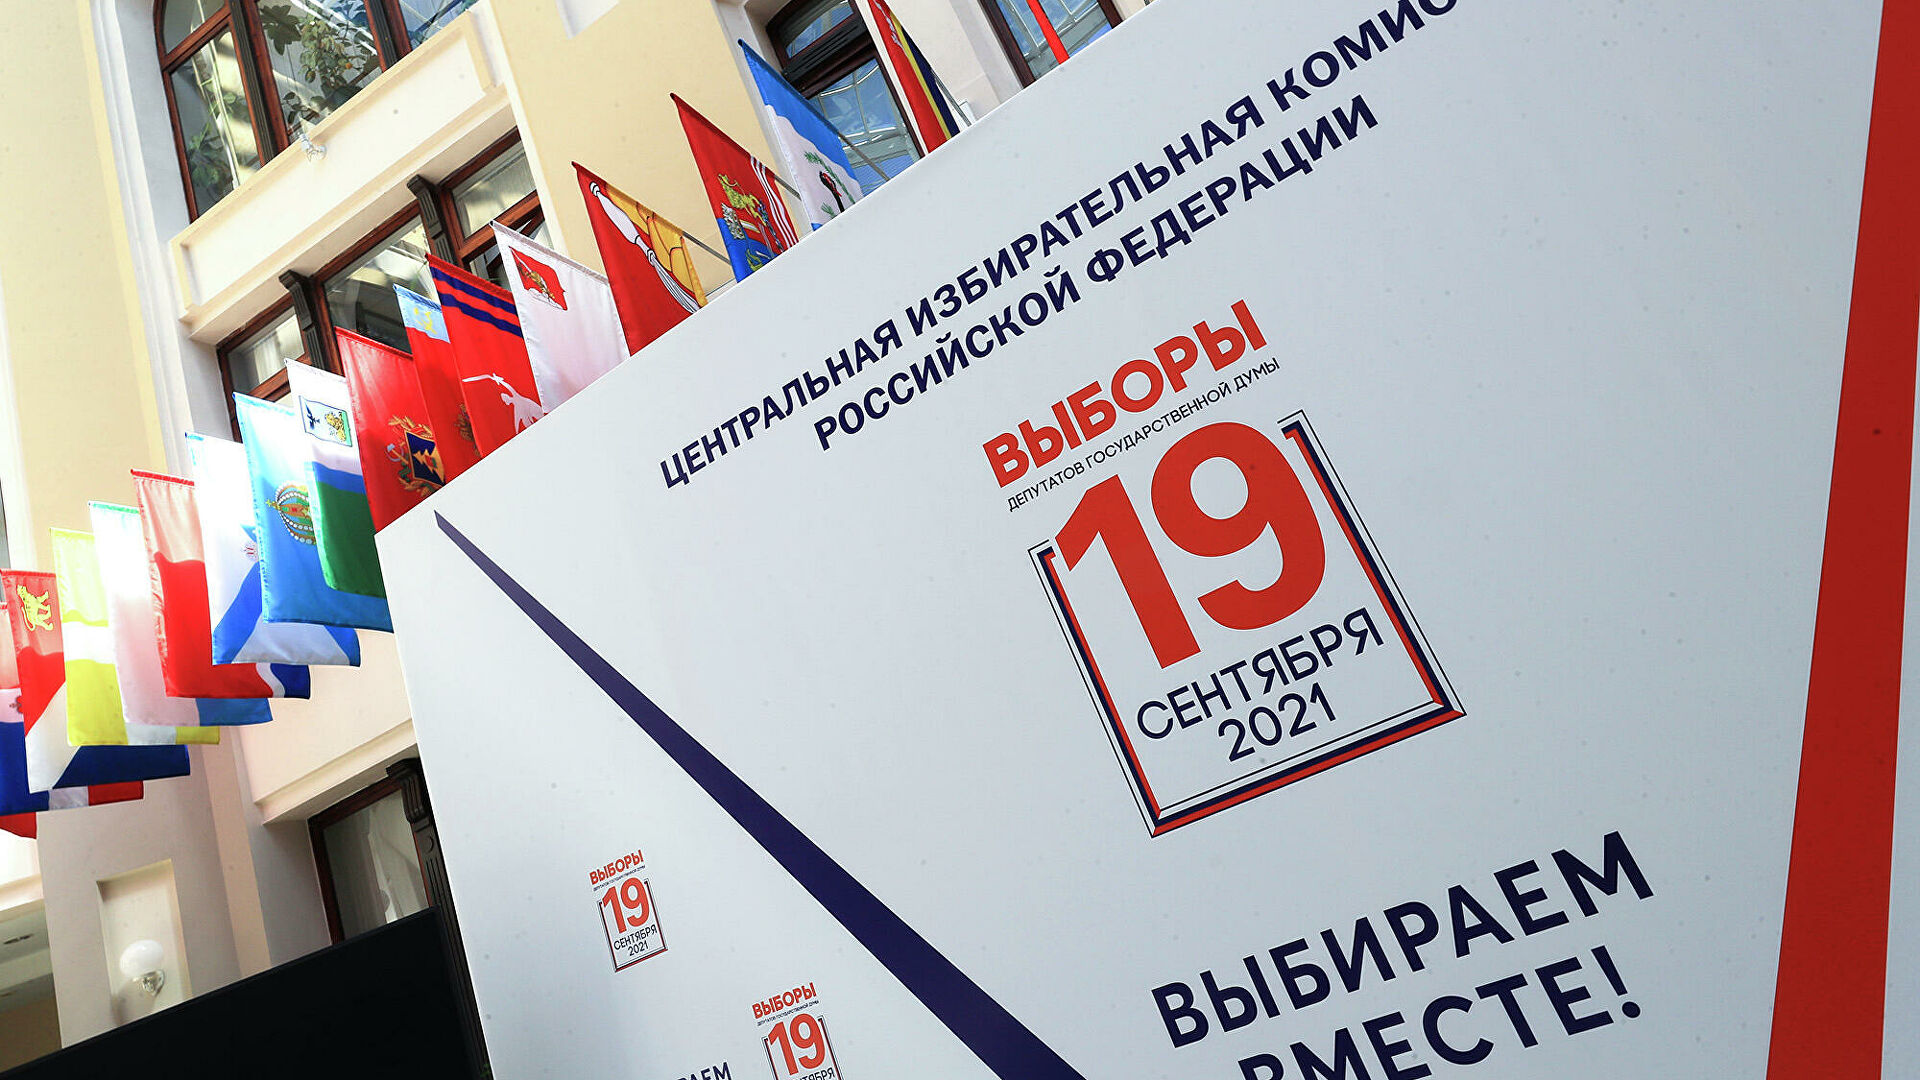 Жители ДНР могут пройти тестовое электронное голосование на выборах в Госдуму